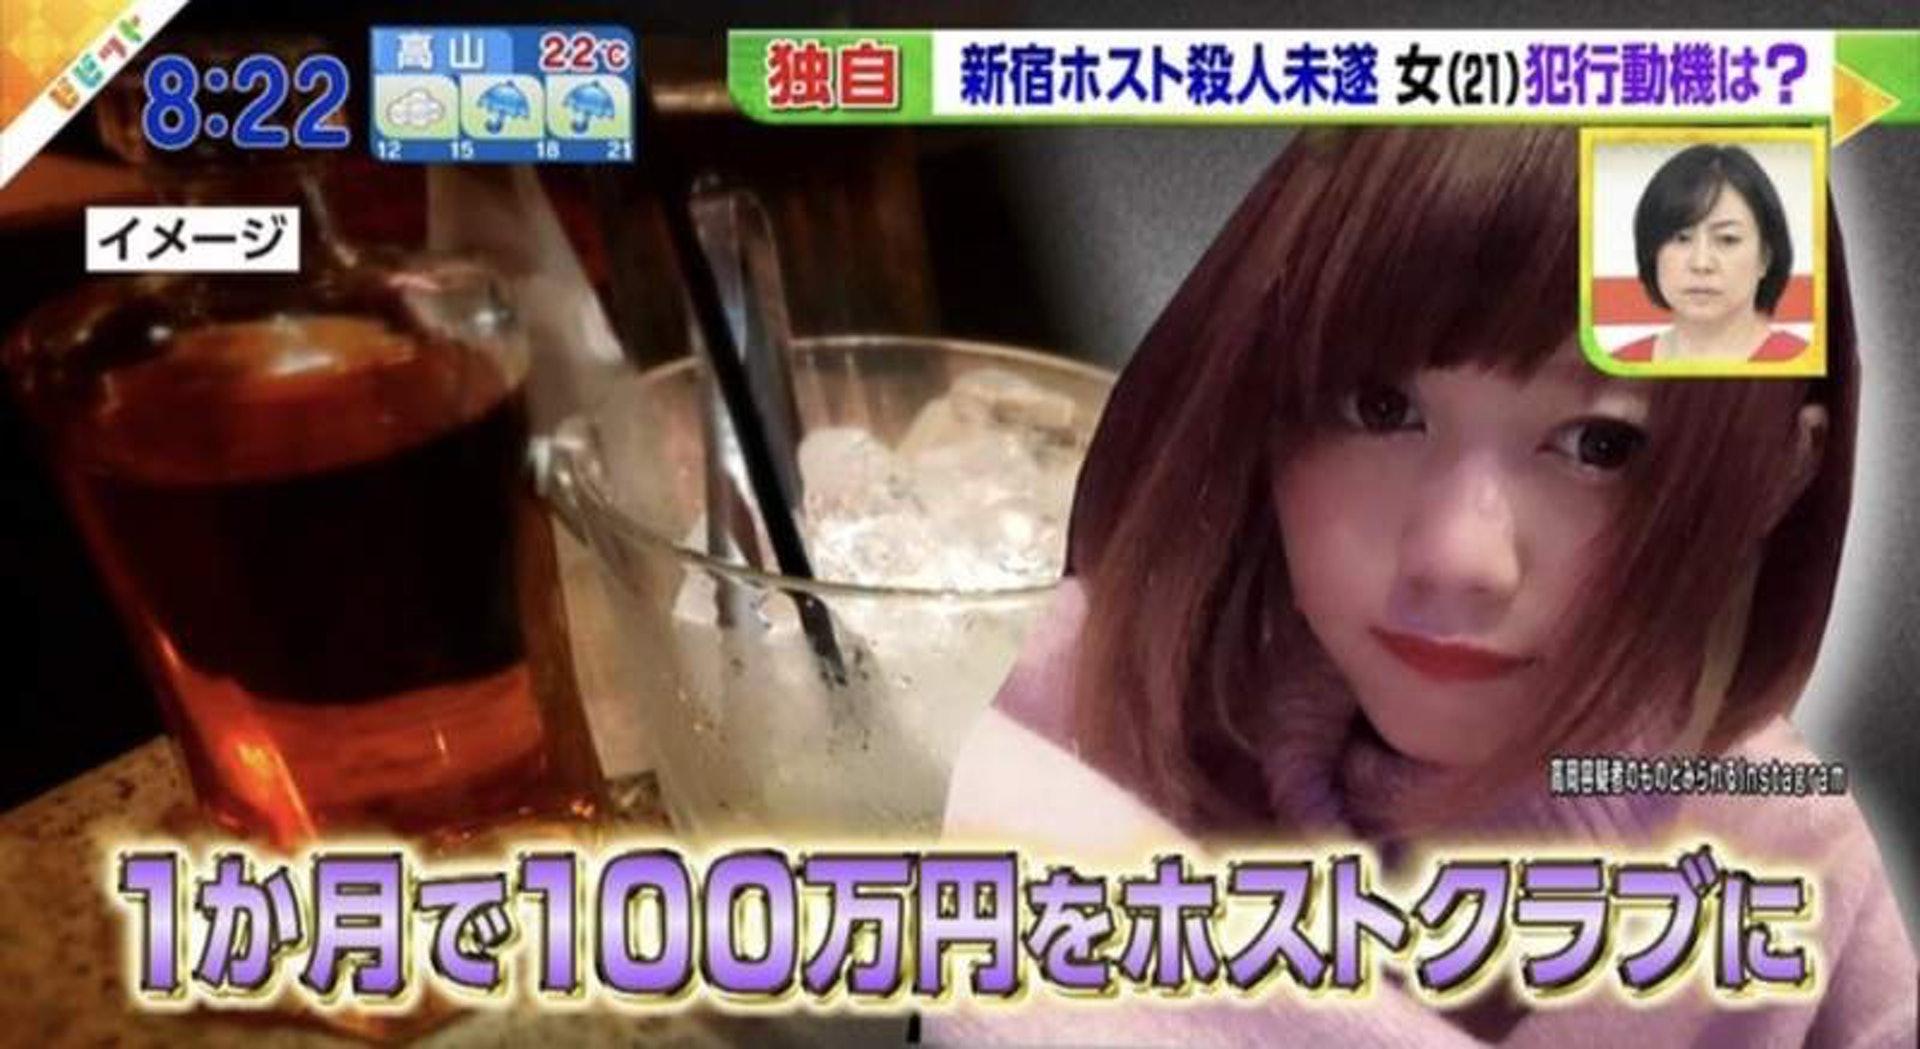 高岡由佳因被逮捕時詭異的微笑,以及可愛的長相,引發網上熱烈討論。(網上圖片)